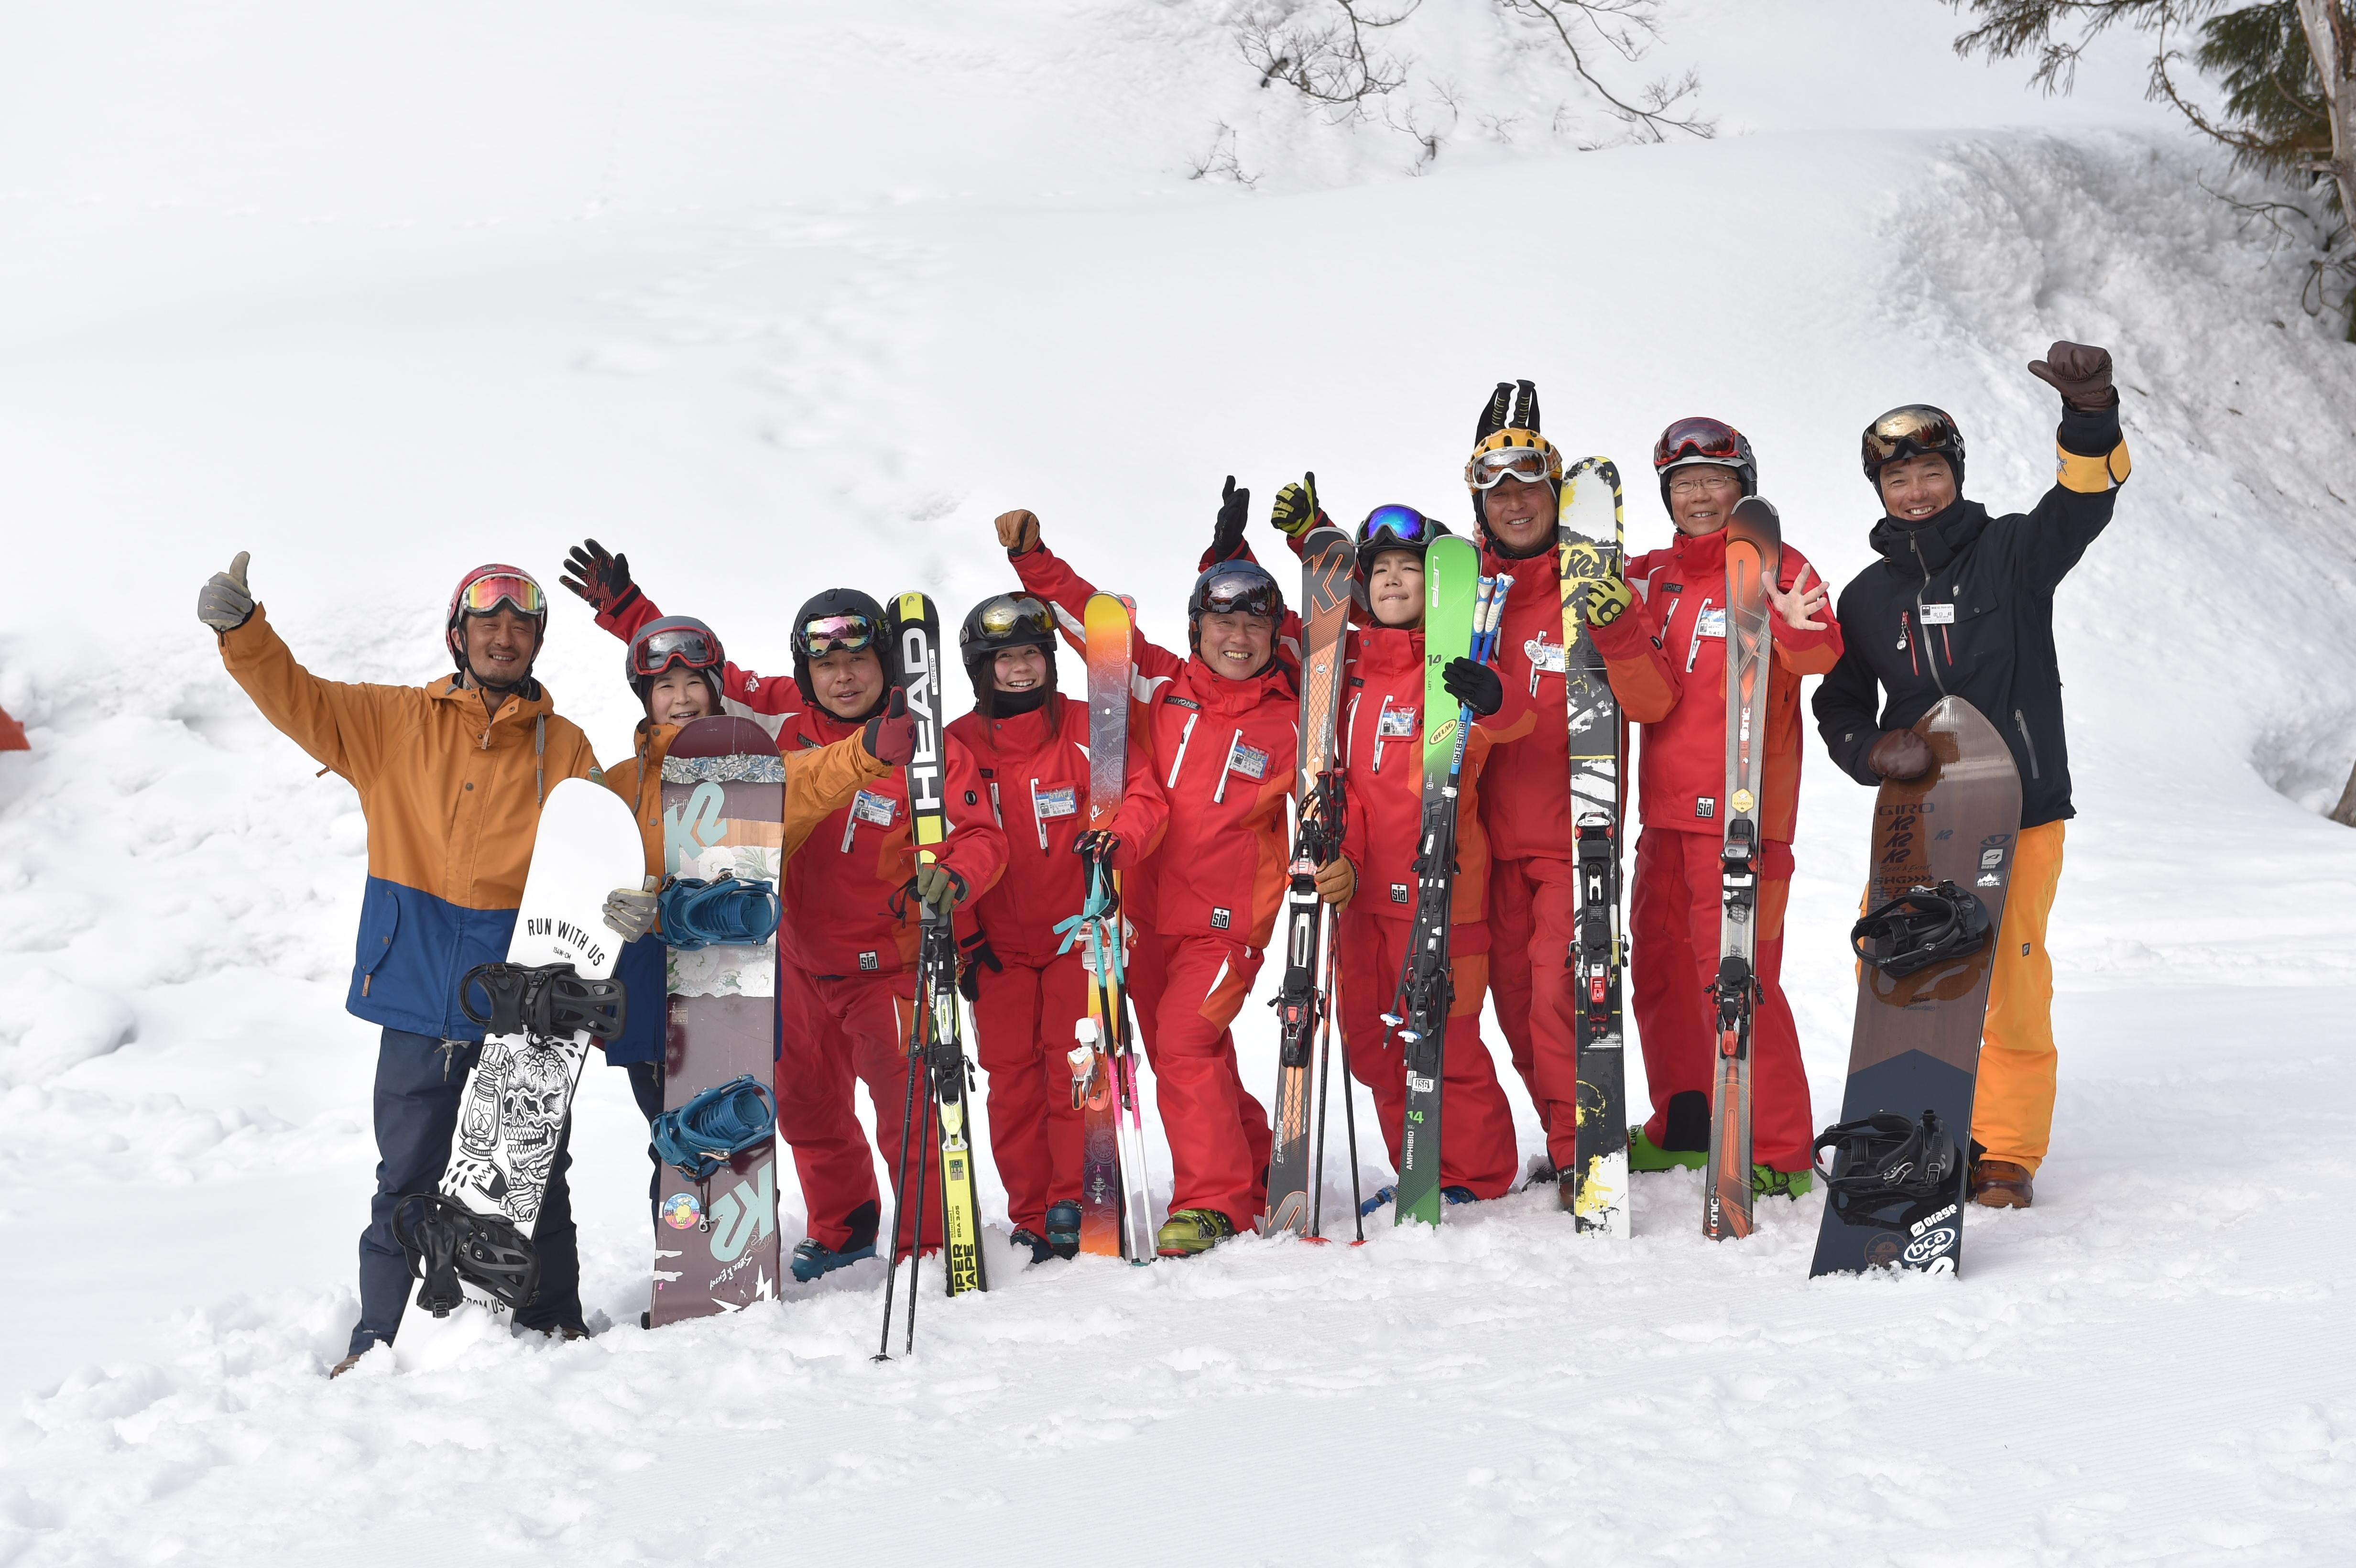 スキーやスノーボードを楽しむ人達